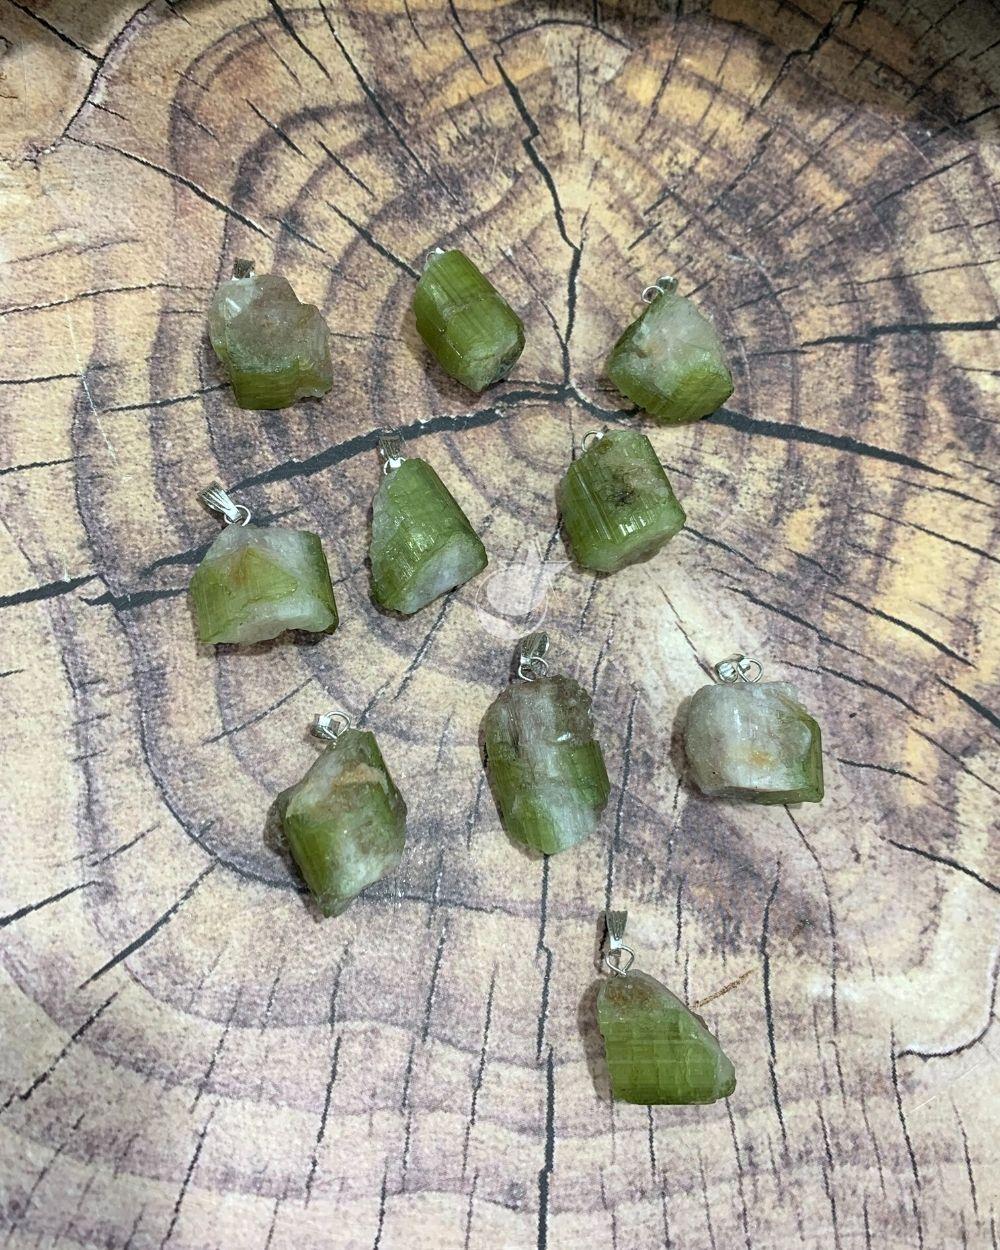 PINGENTE DE TURMALINA MELANCIA BRUTA - UNIDADE -  1,7 a 2,2 cm